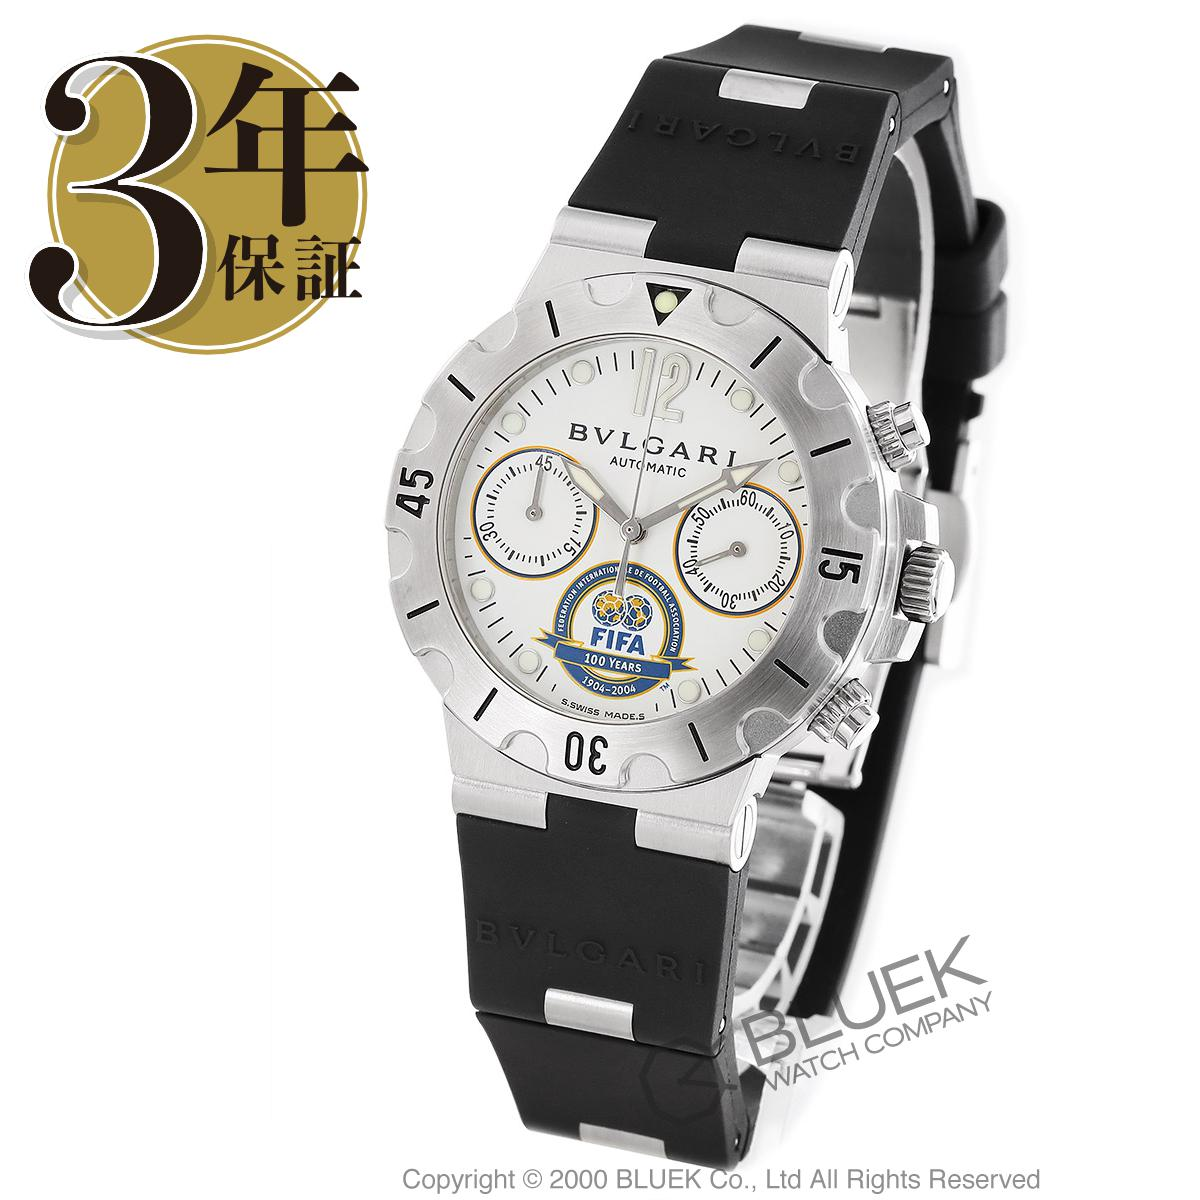 【3,000円OFFクーポン対象】ブルガリ ディアゴノ プロフェッショナル スクーバ FIFA世界限定999本 クロノグラフ 腕時計 メンズ BVLGARI SC38WSV_8